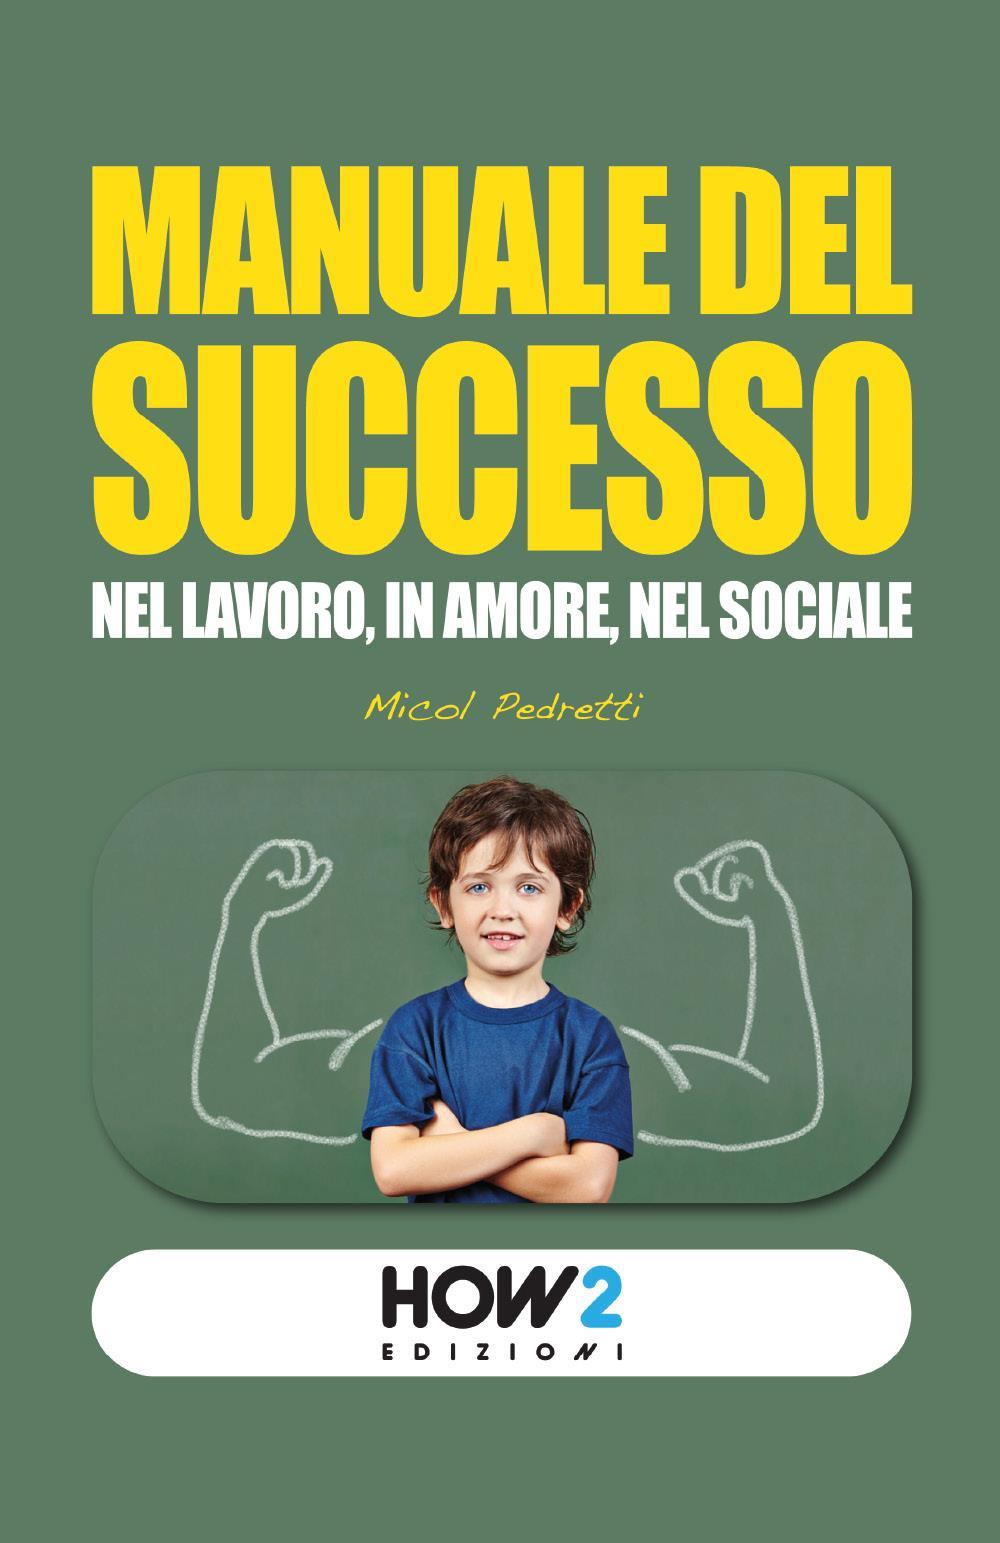 Manuale del successo. Nel lavoro, in amore, nel sociale